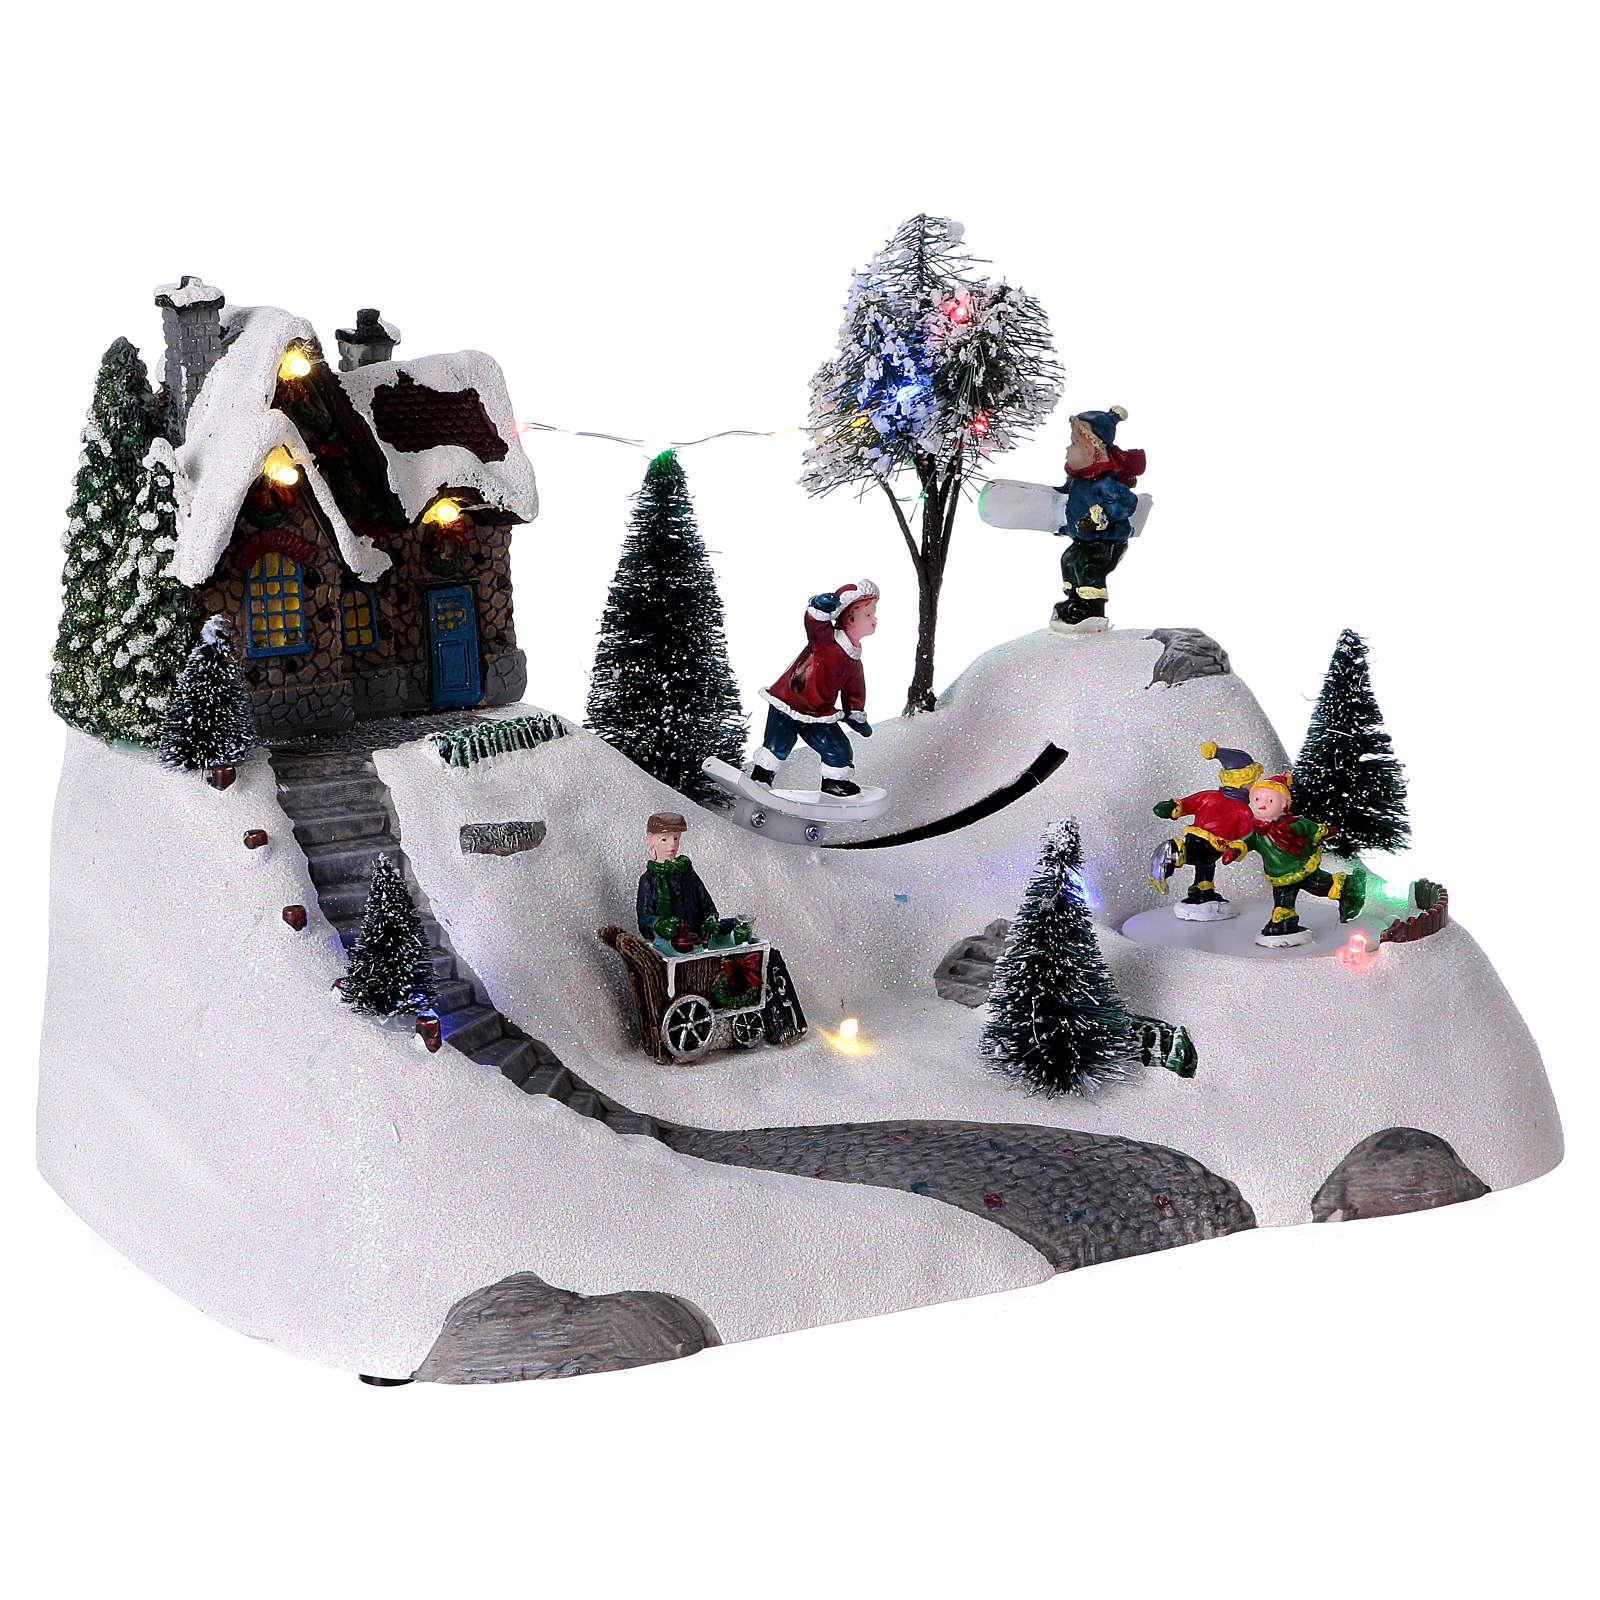 Scène Noël musique et piste en mouvement 20x30x15 cm 3